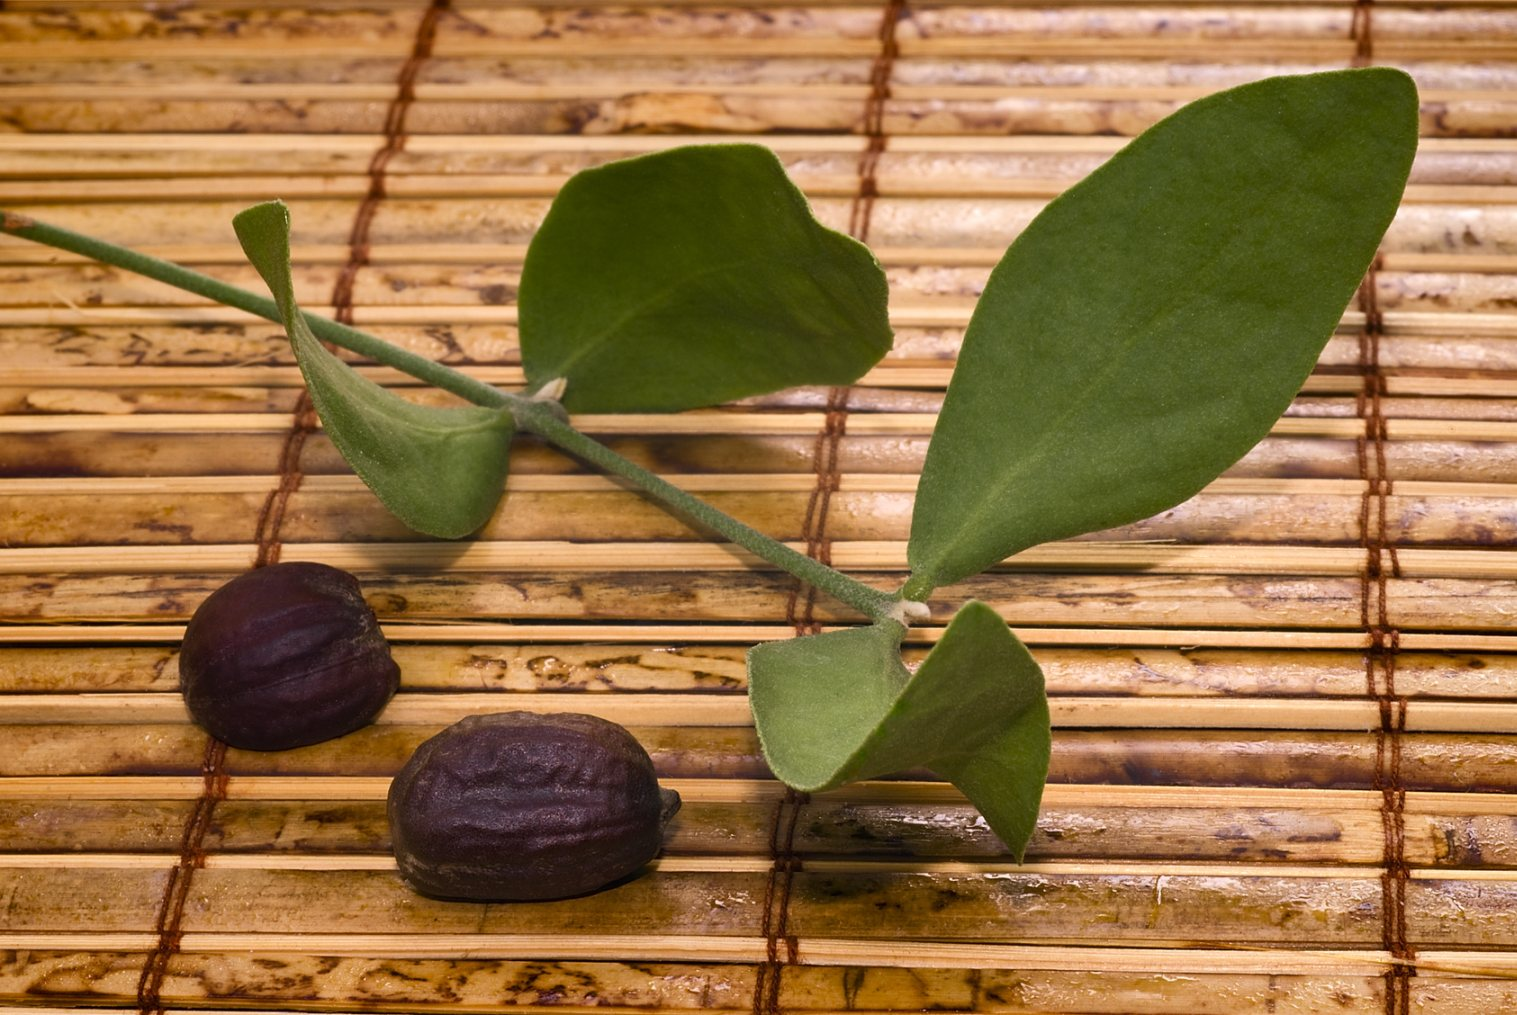 Olej jojoba - właściwości, zastosowanie